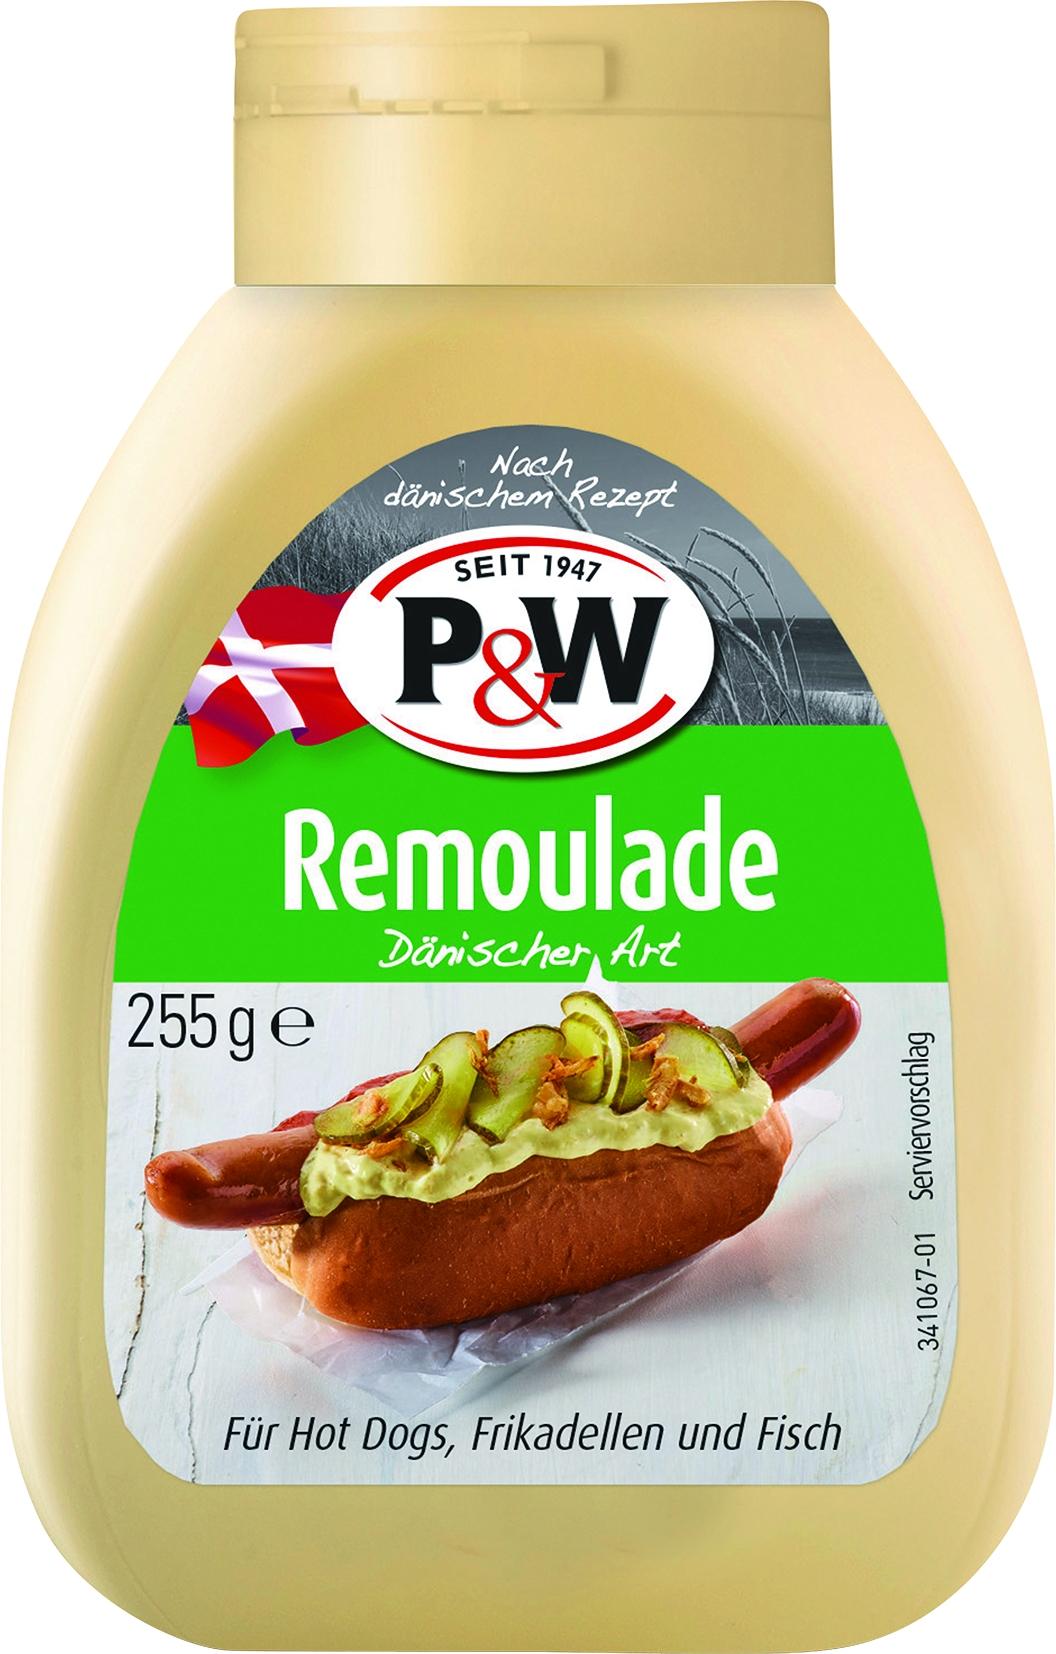 Original Daenische Remoulade